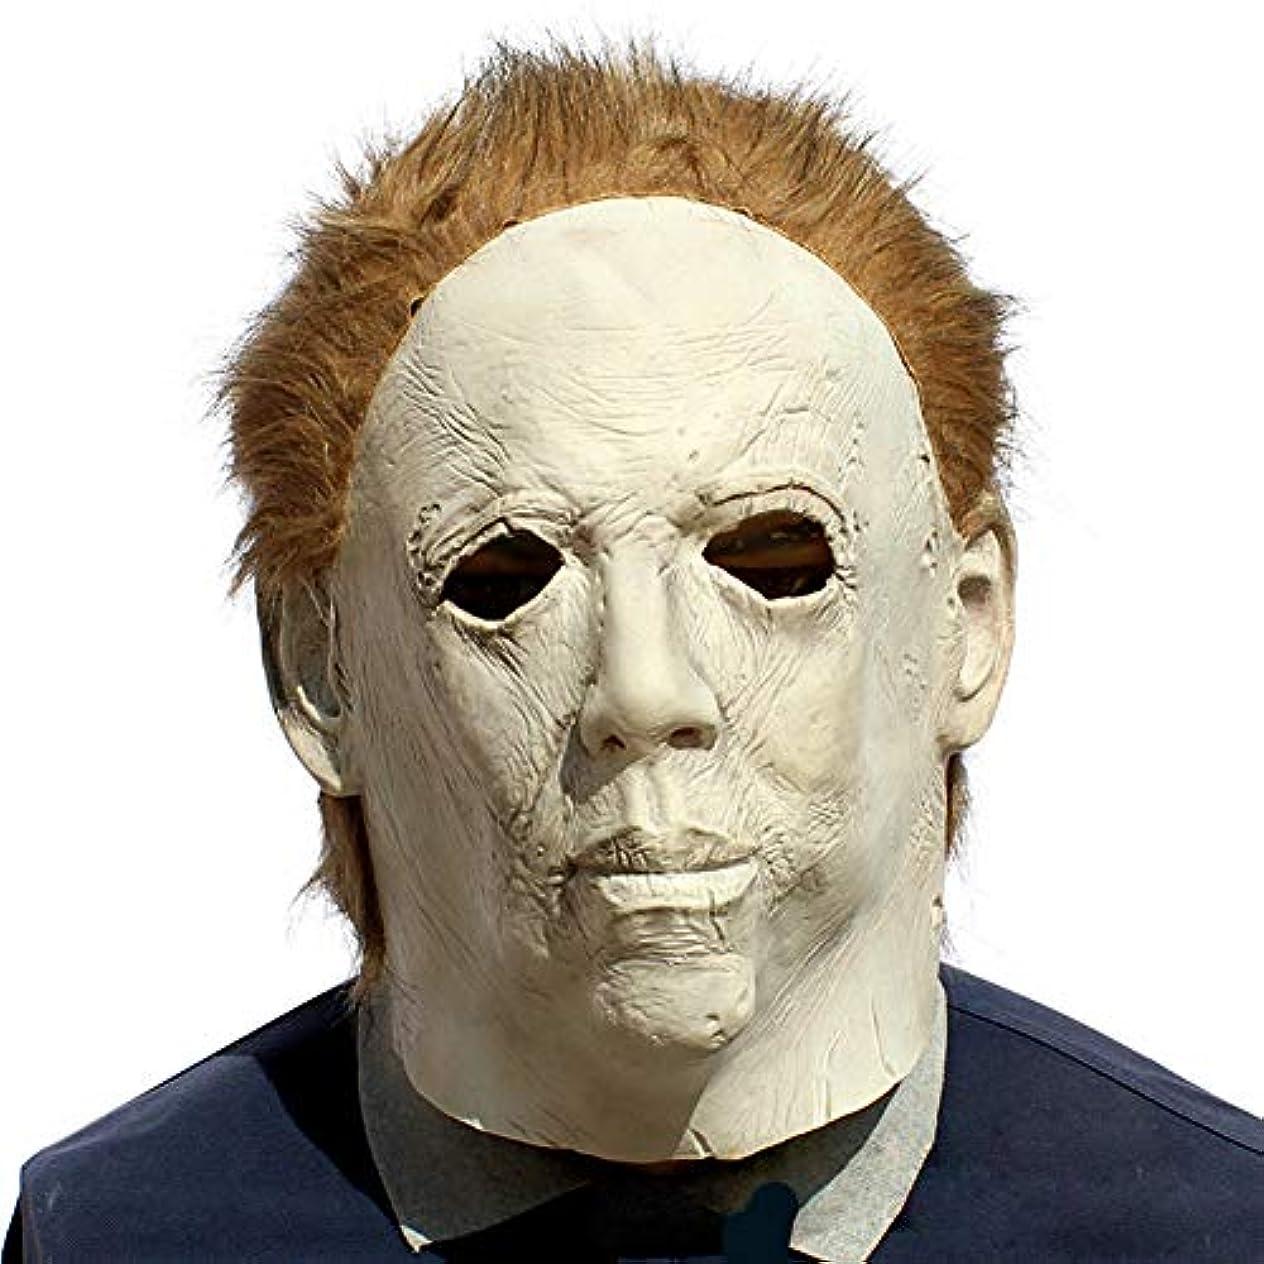 服ぬるいあなたのものハロウィーンマスク、ホラーラテックスマスク、ハロウィーン、テーマパーティー、カーニバル、レイブパーティー、バー、小道具、映画。